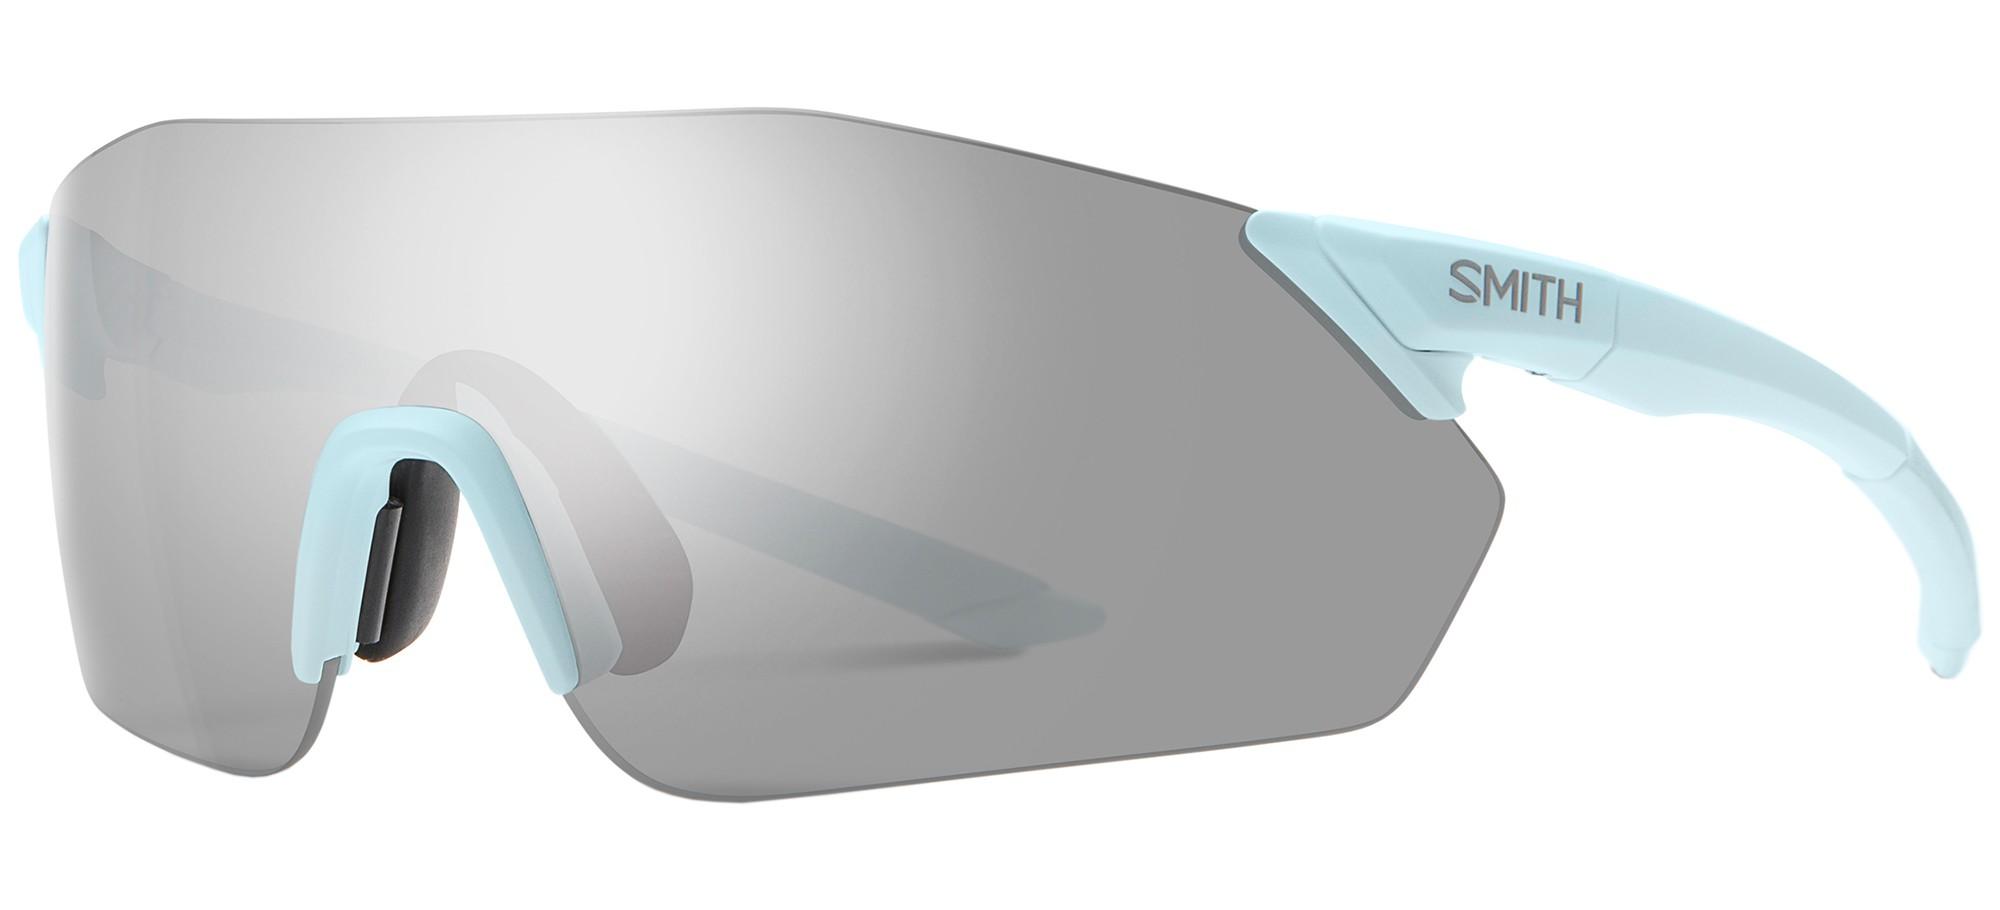 Smith Optics REVERB